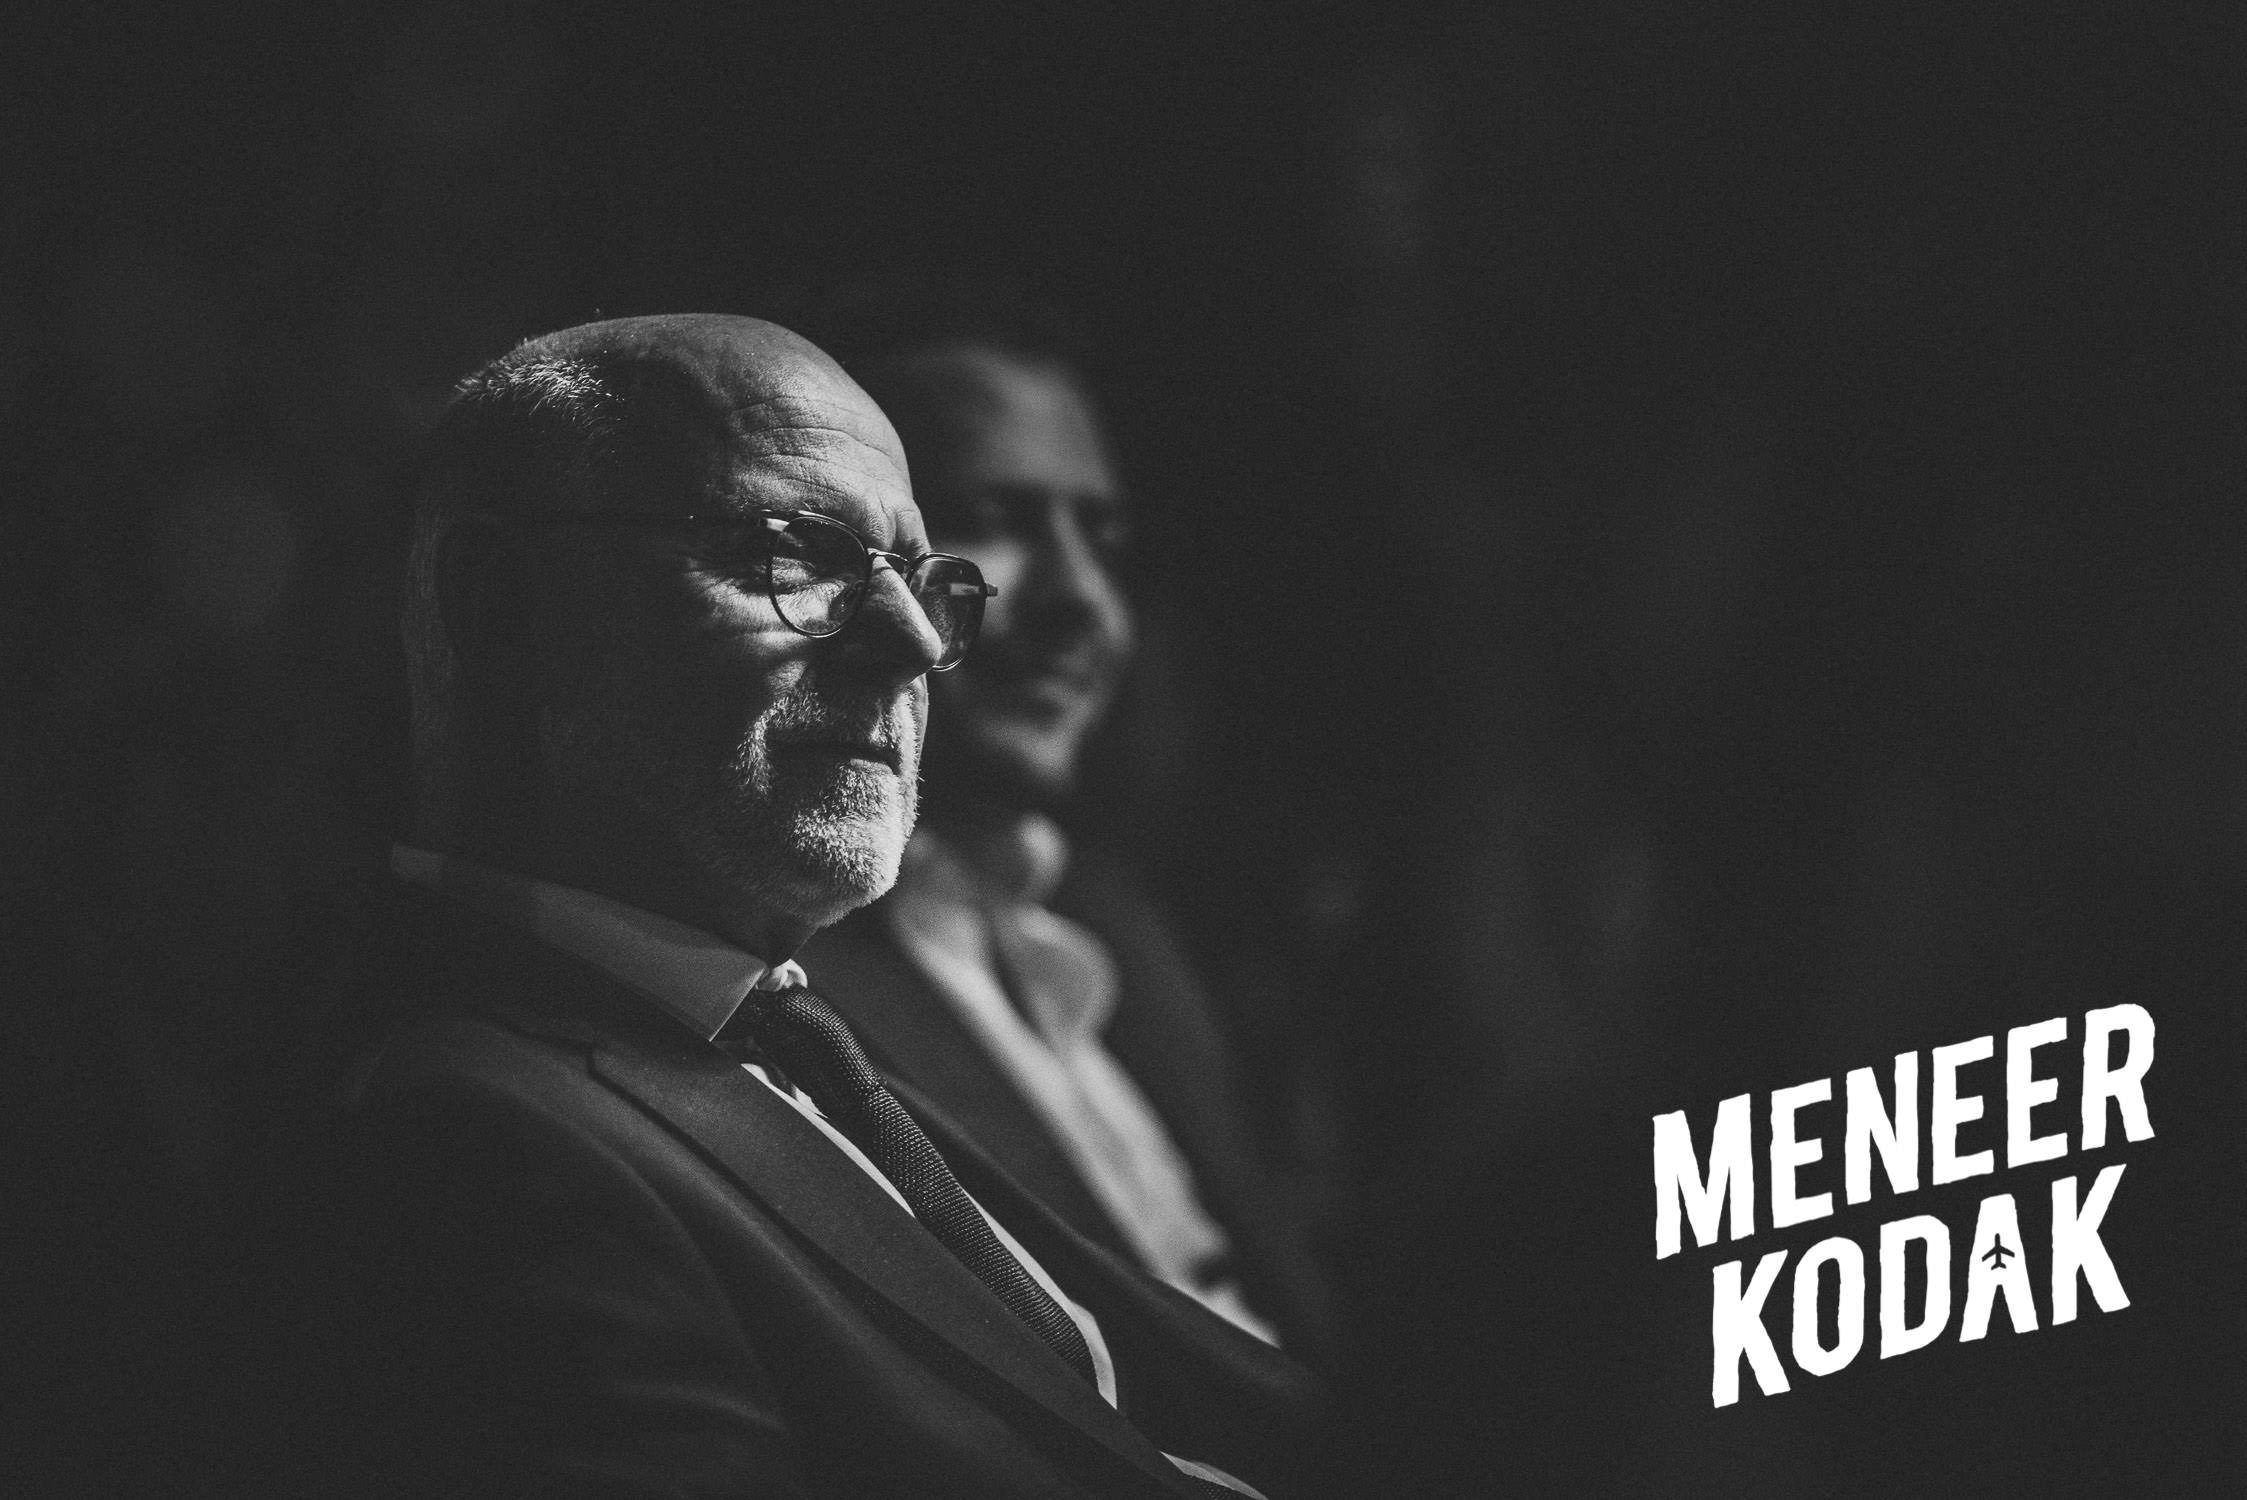 Meneer Kodak - Bruidsfotograaf - Breda - S&R-089.jpg